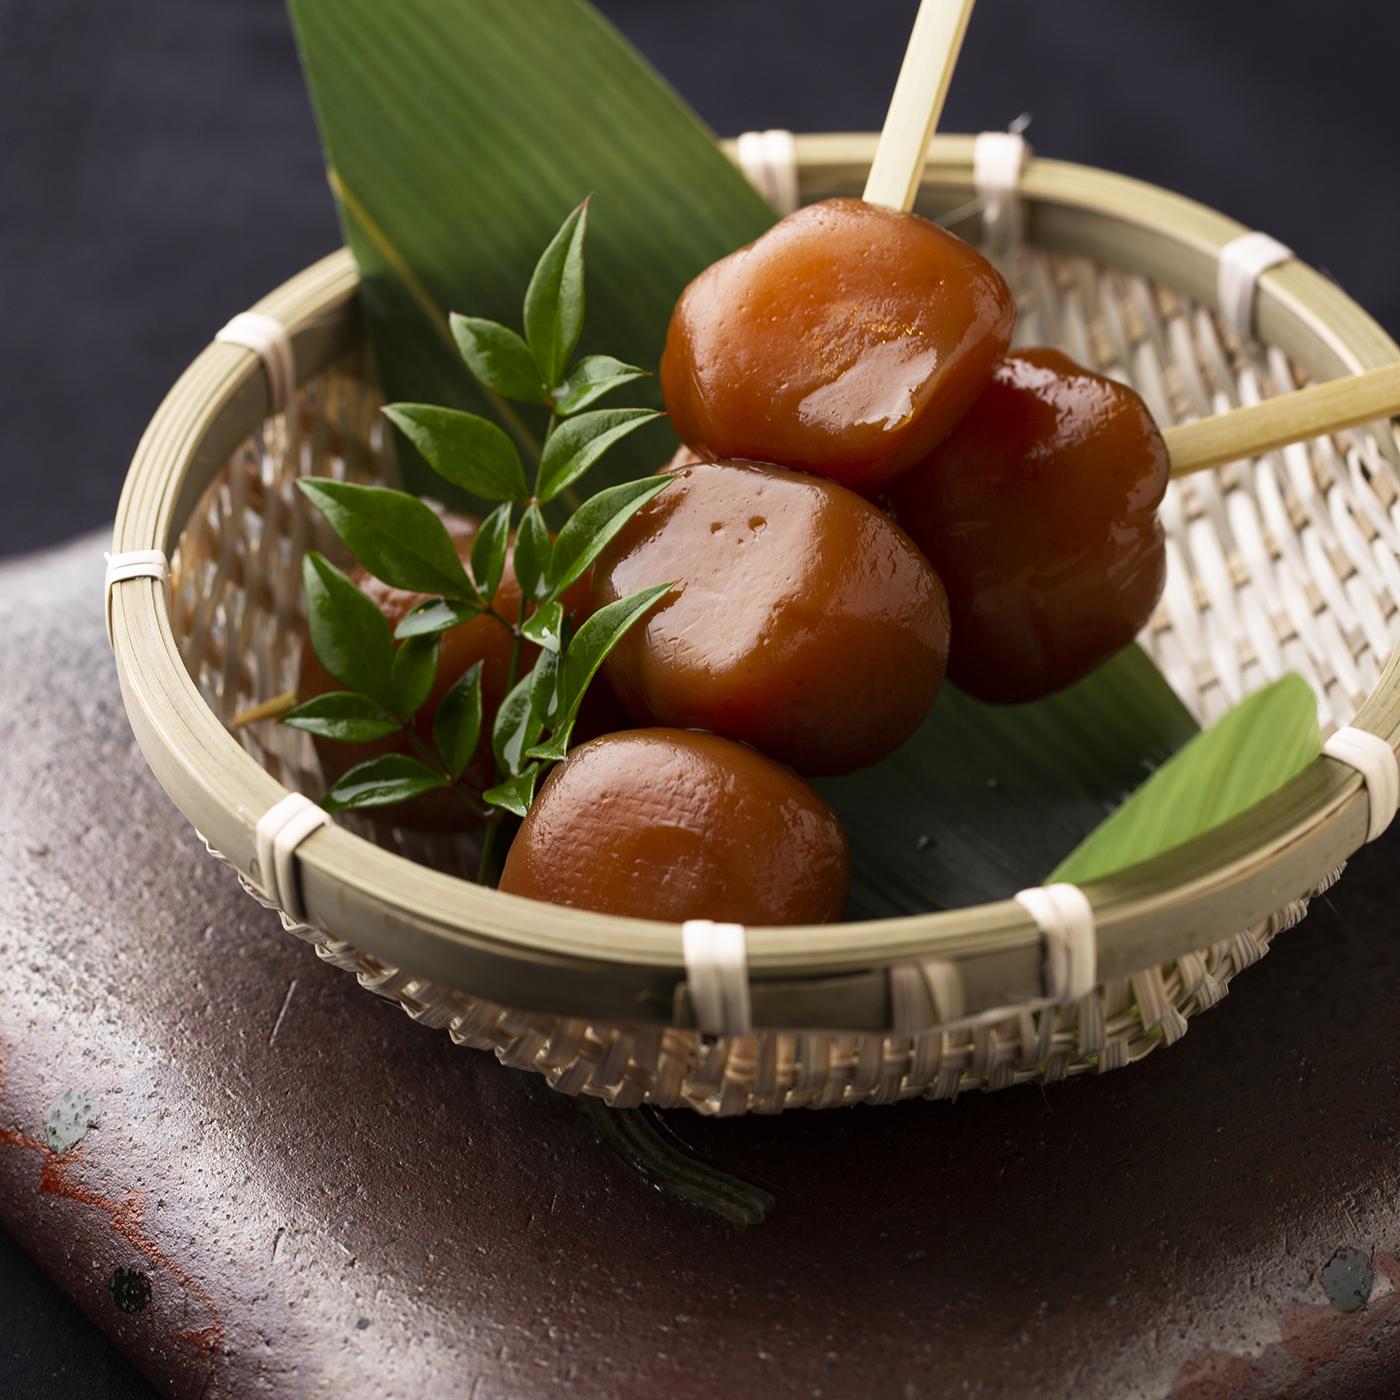 山形県 玉こんにゃくの醤油煮 580円(税込)